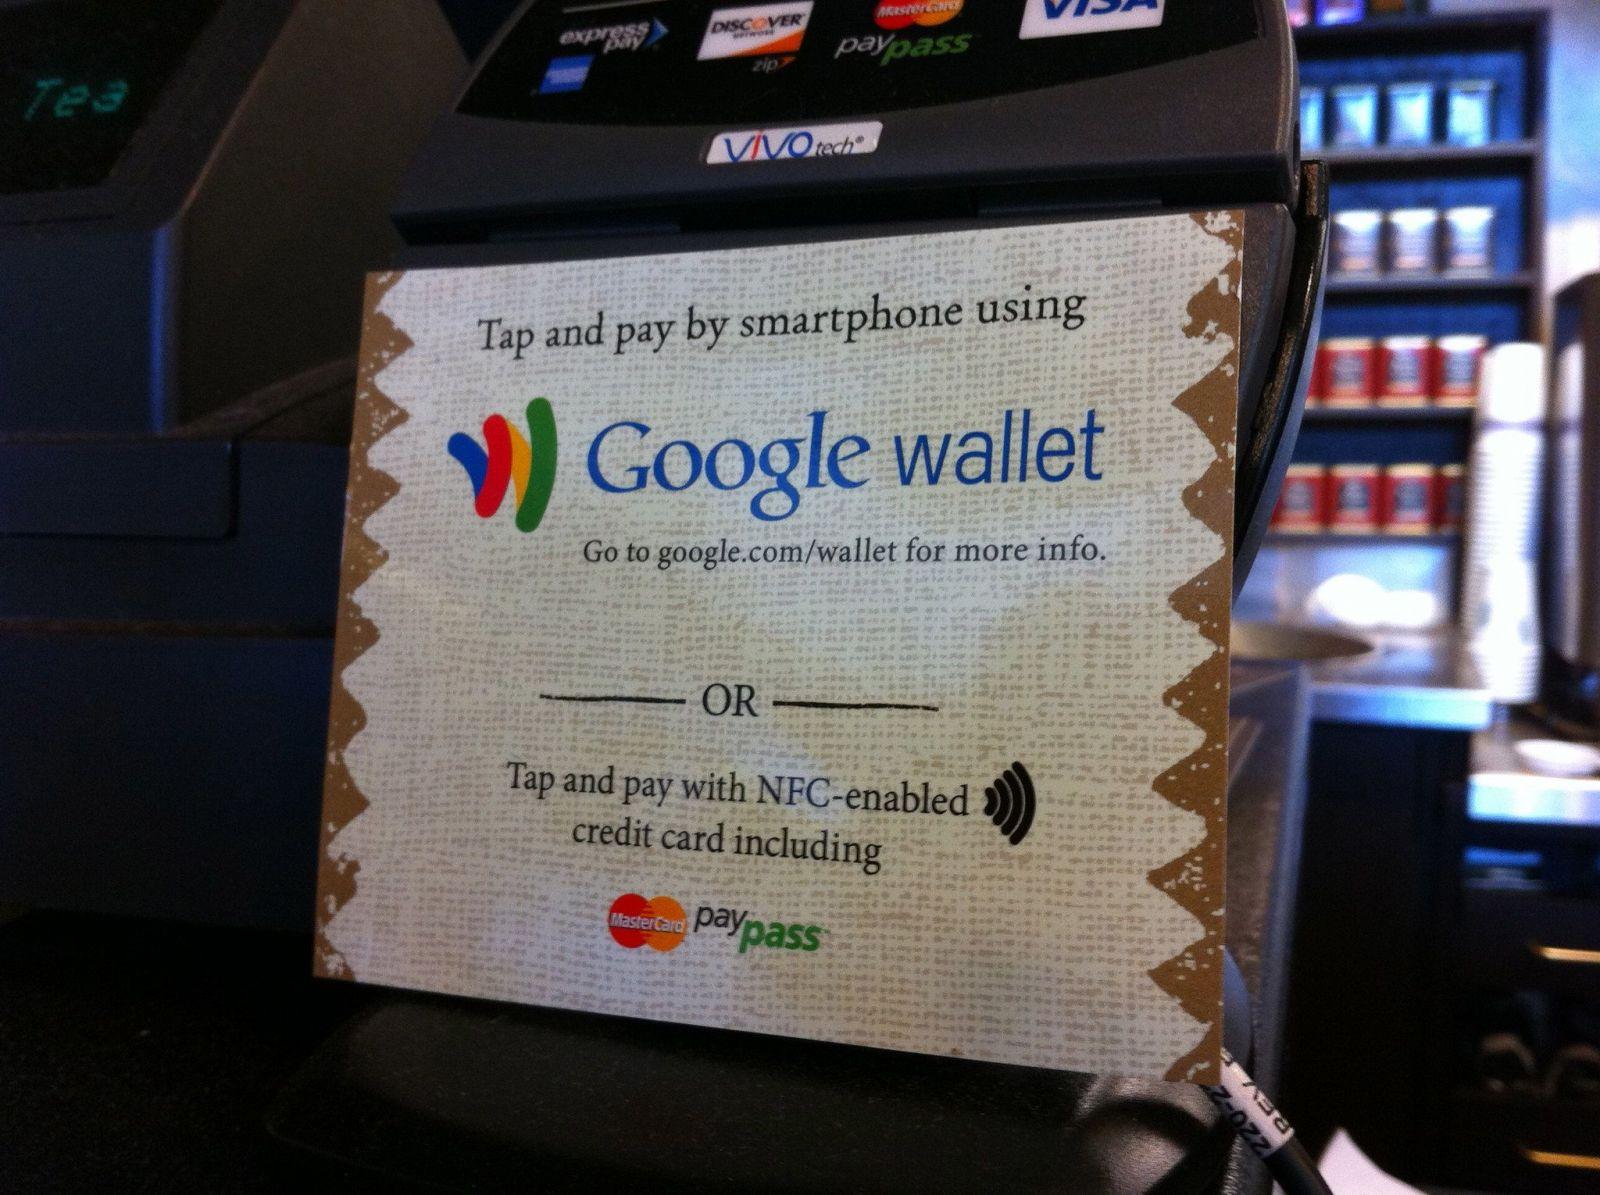 Velký přehled bank, které podporují Apple Pay a Google Pay. Zjišťovali jsme, kdy se přidají poslední z nich